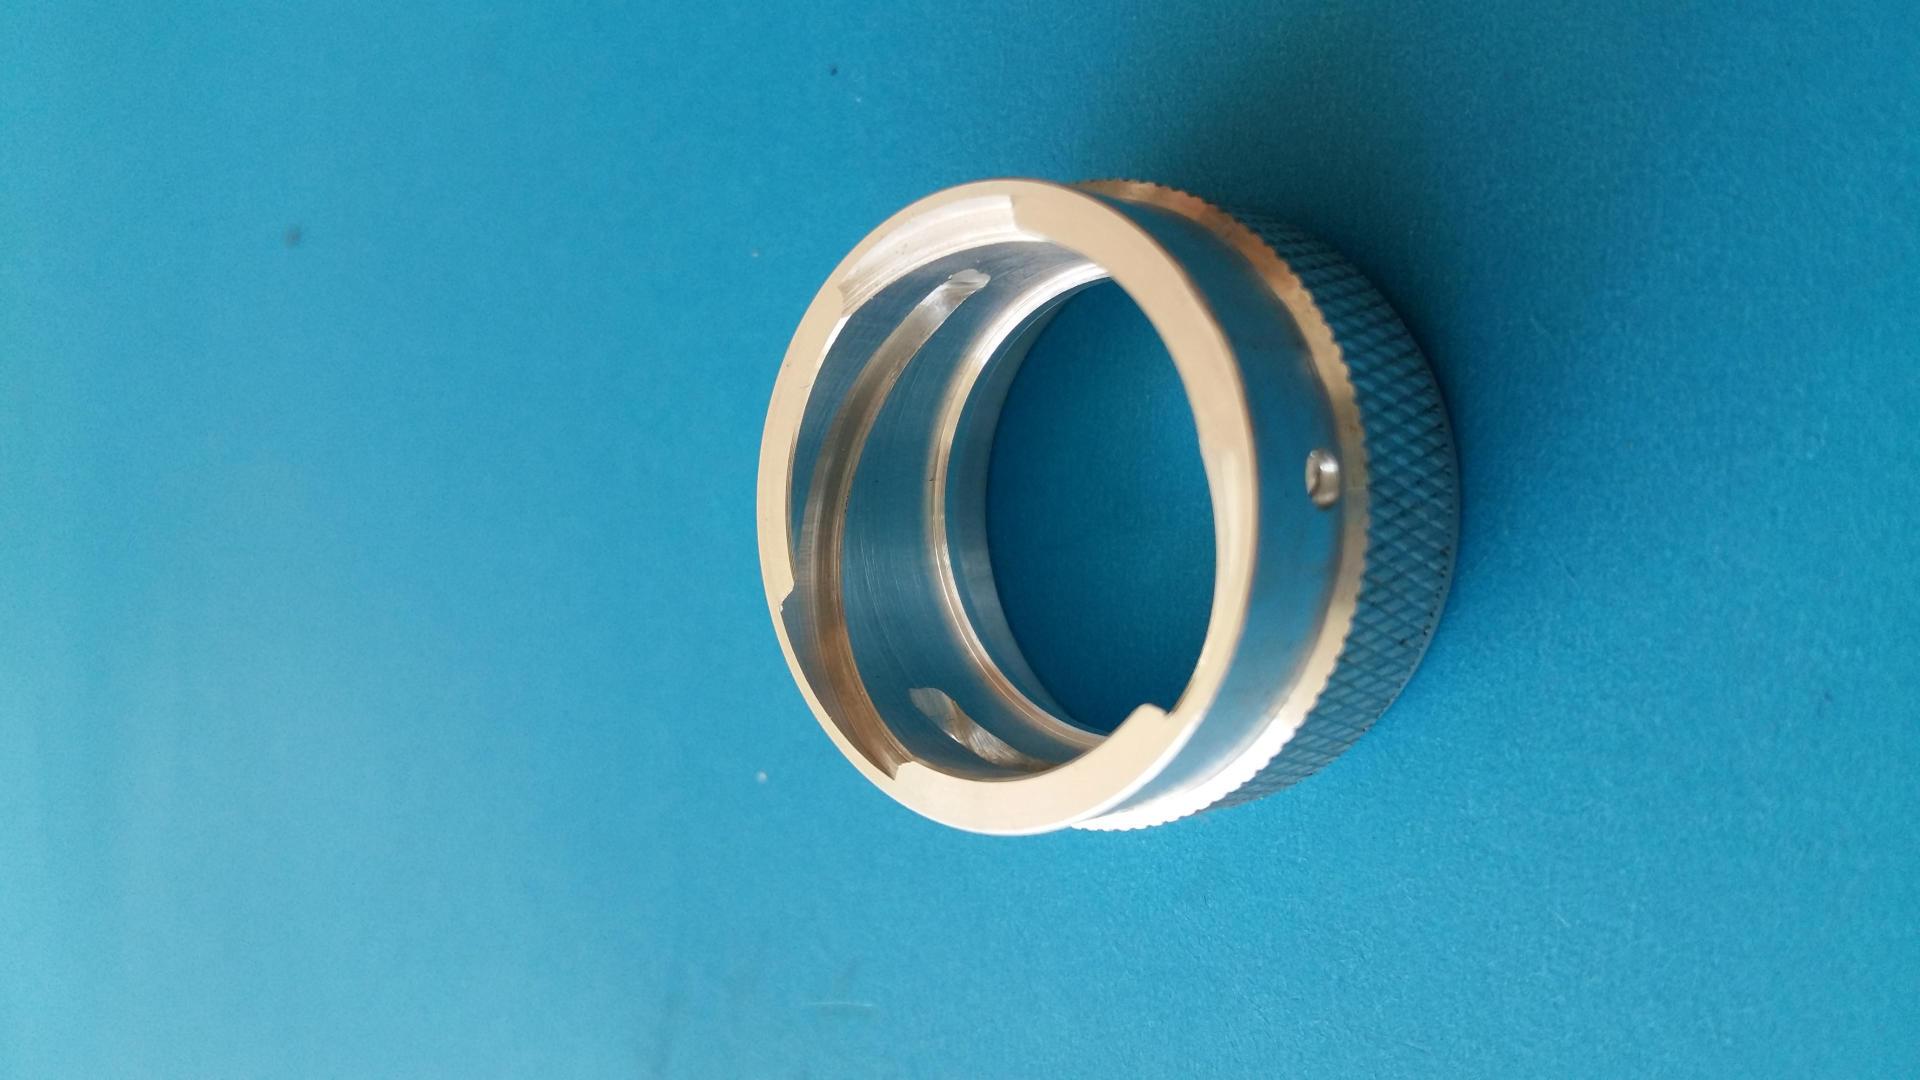 Linh kiện điện tử CNC chính xác gia công kim loại quay và phay các bộ phận phức tạp sản xuất bộ phận